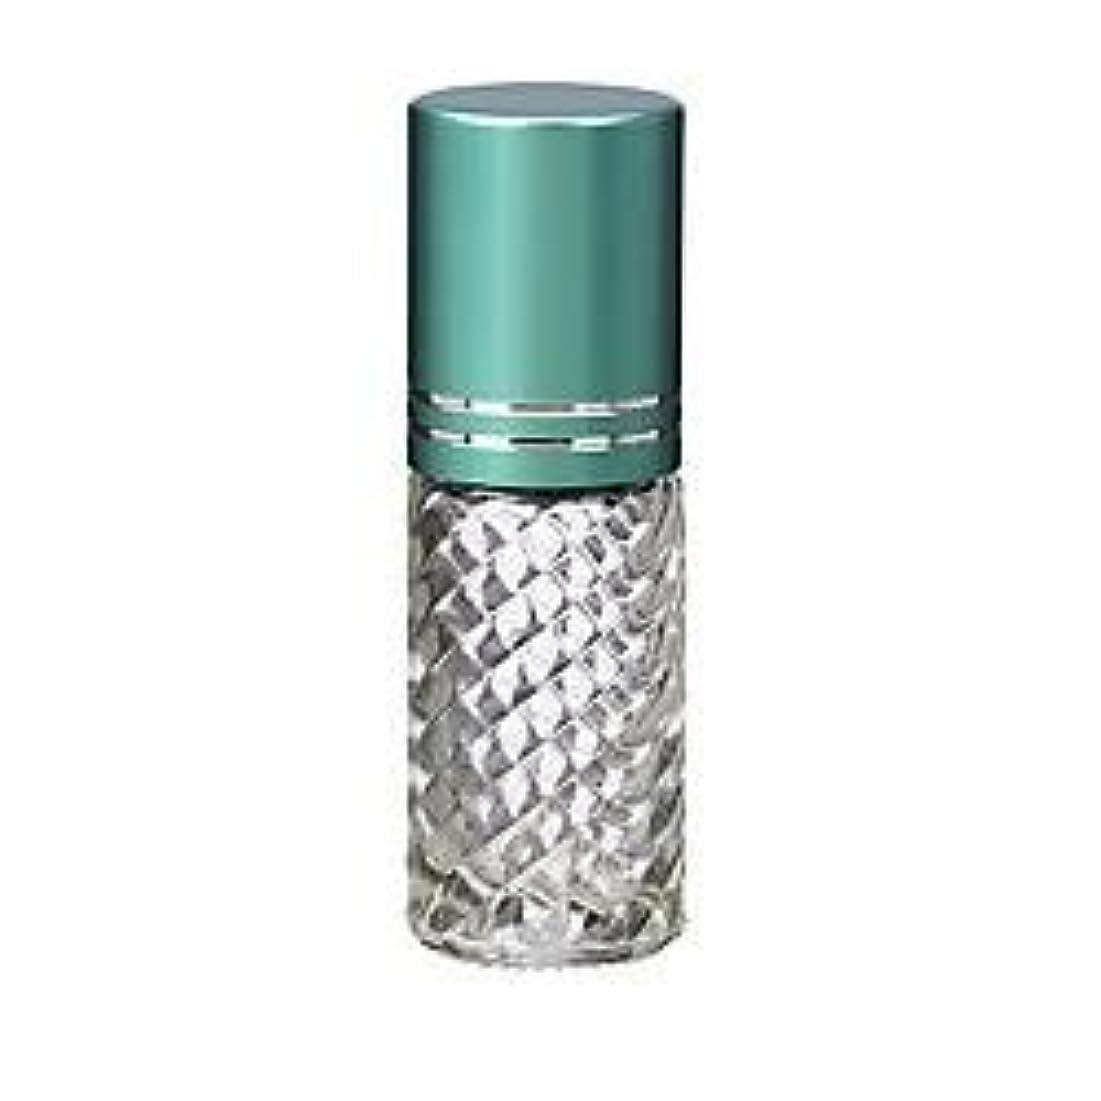 フリッパー祝う夫4 Bottles Fancy Large 30ml Roll On Empty Glass Bottles for Essential Oils Refillable 1 Oz Glass Roller Ball Roll-On...